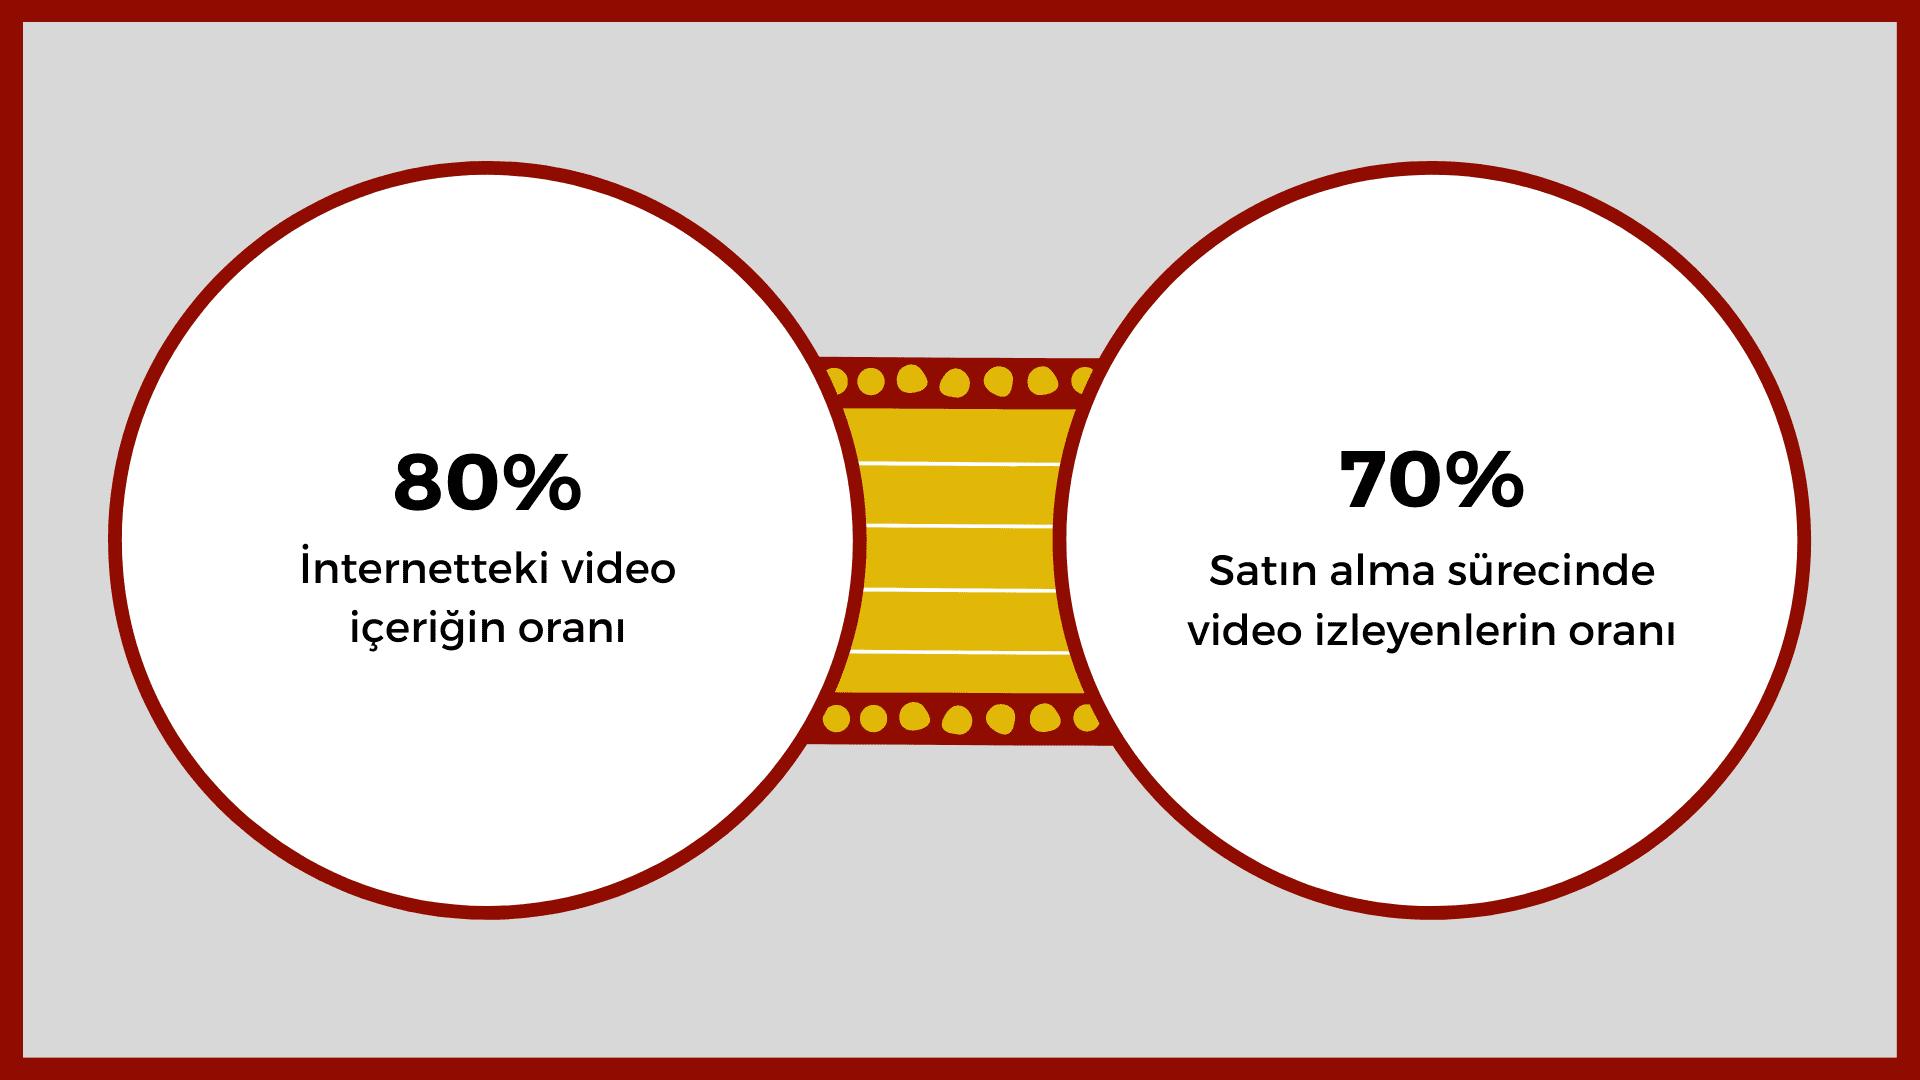 video tanıtım filmleri firmalar için neden önemli